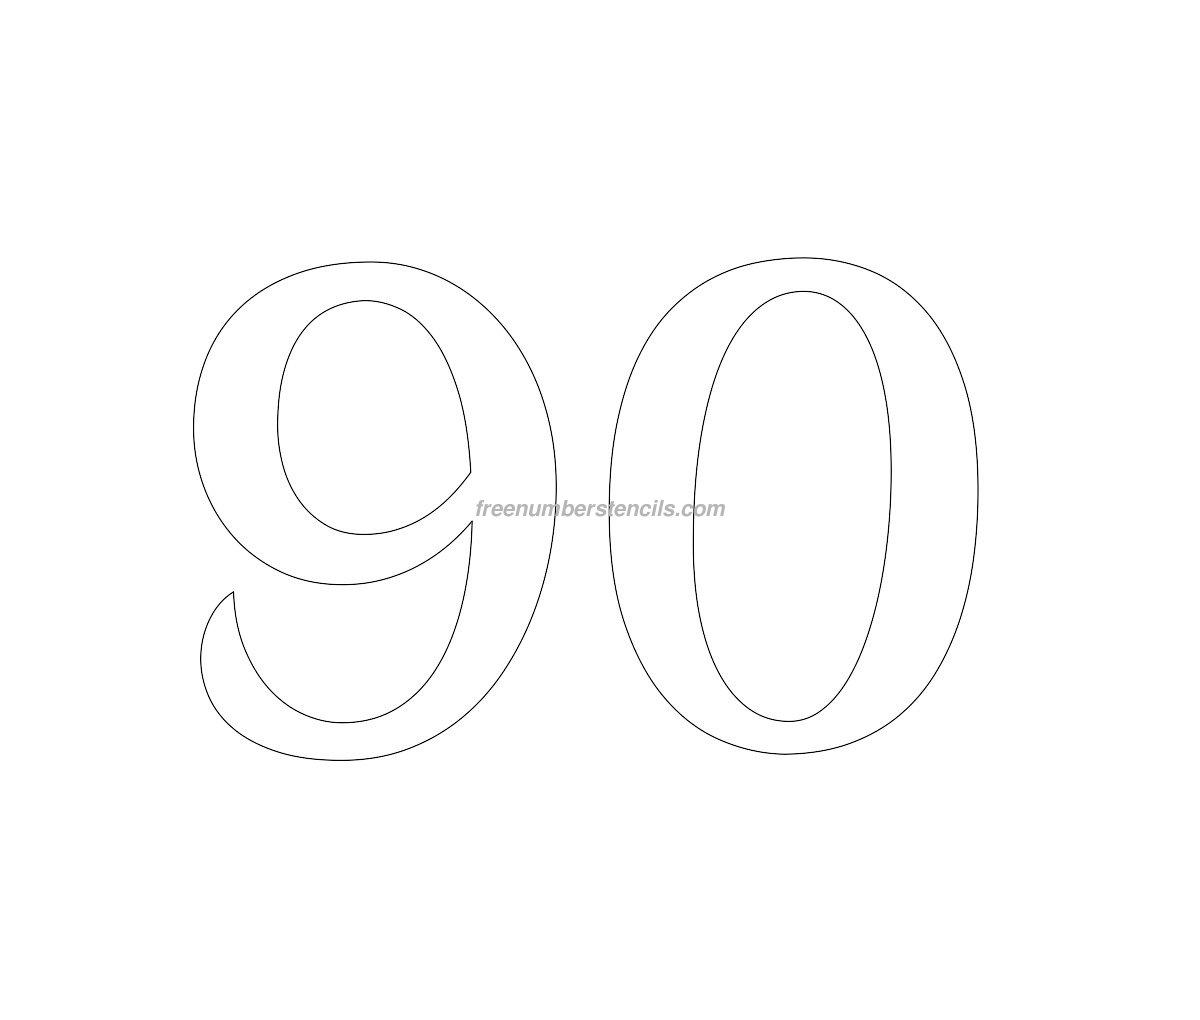 90 сигналы для бинарных опционов